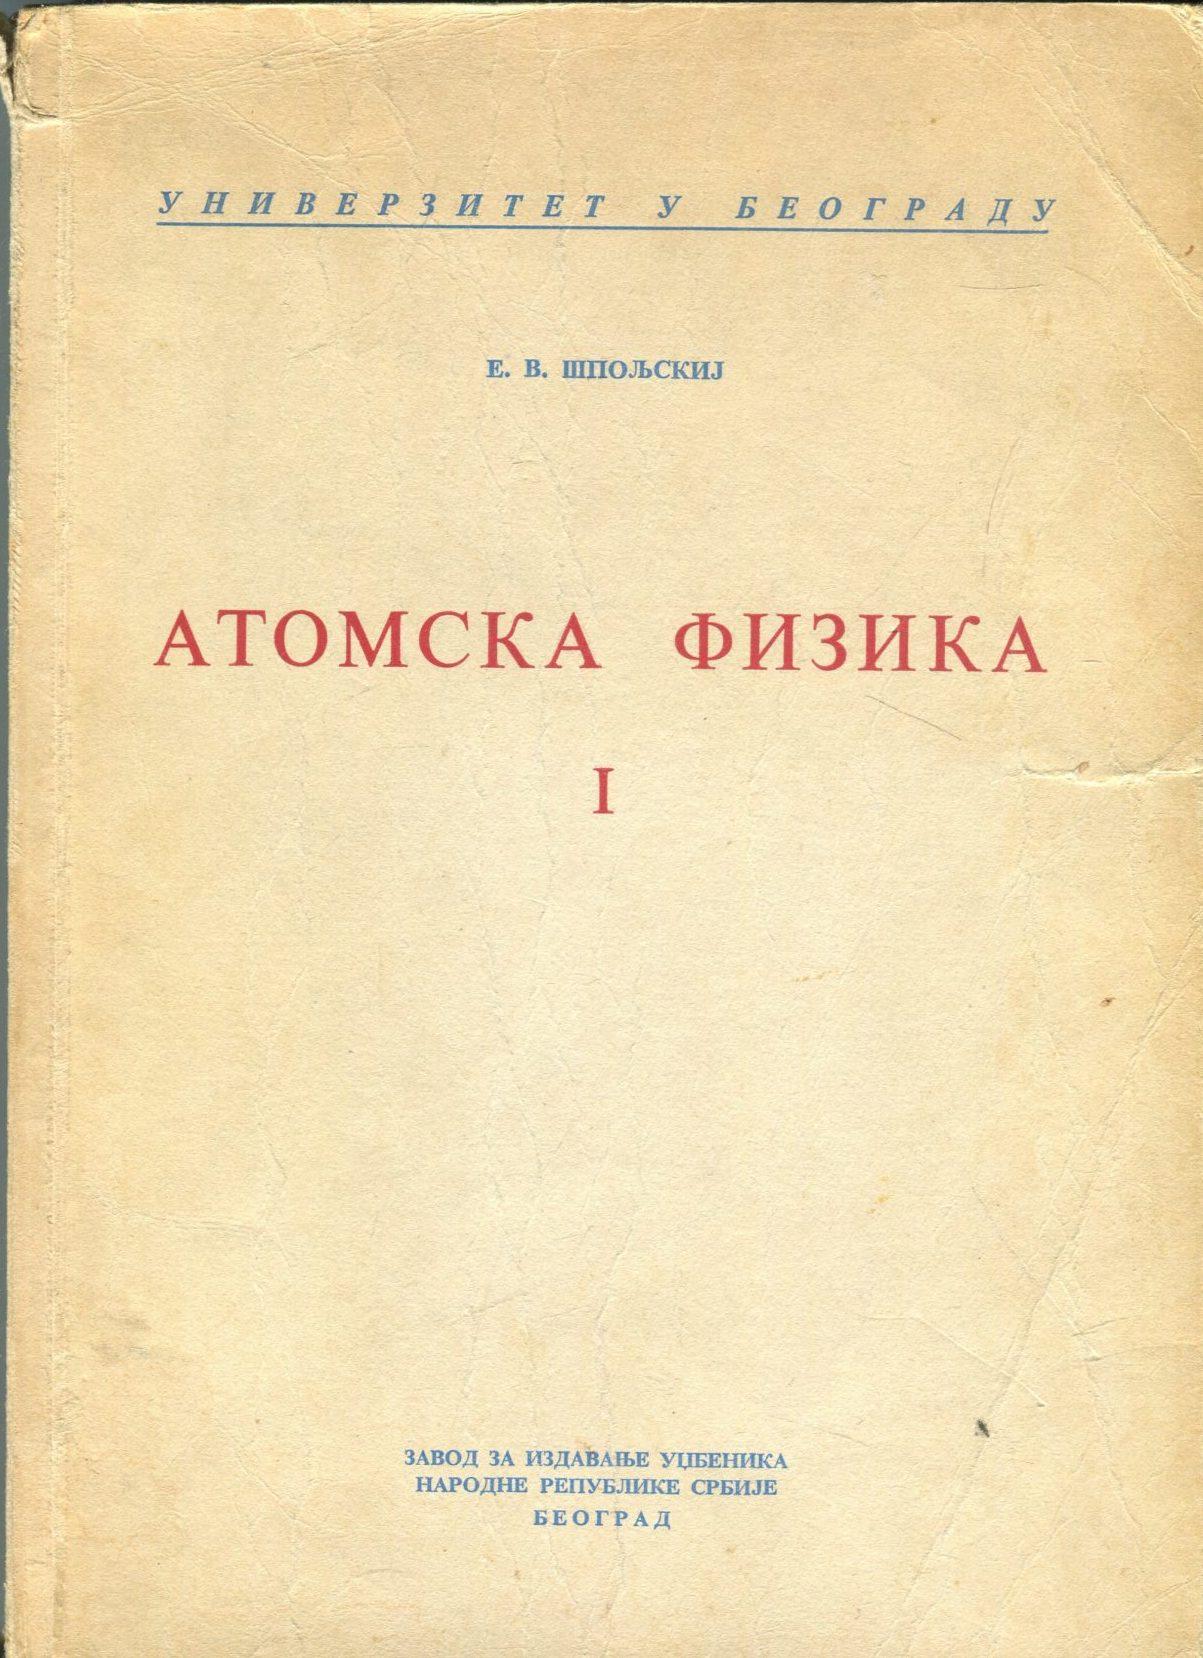 Atomska Fizika I E.V. Špoljskij